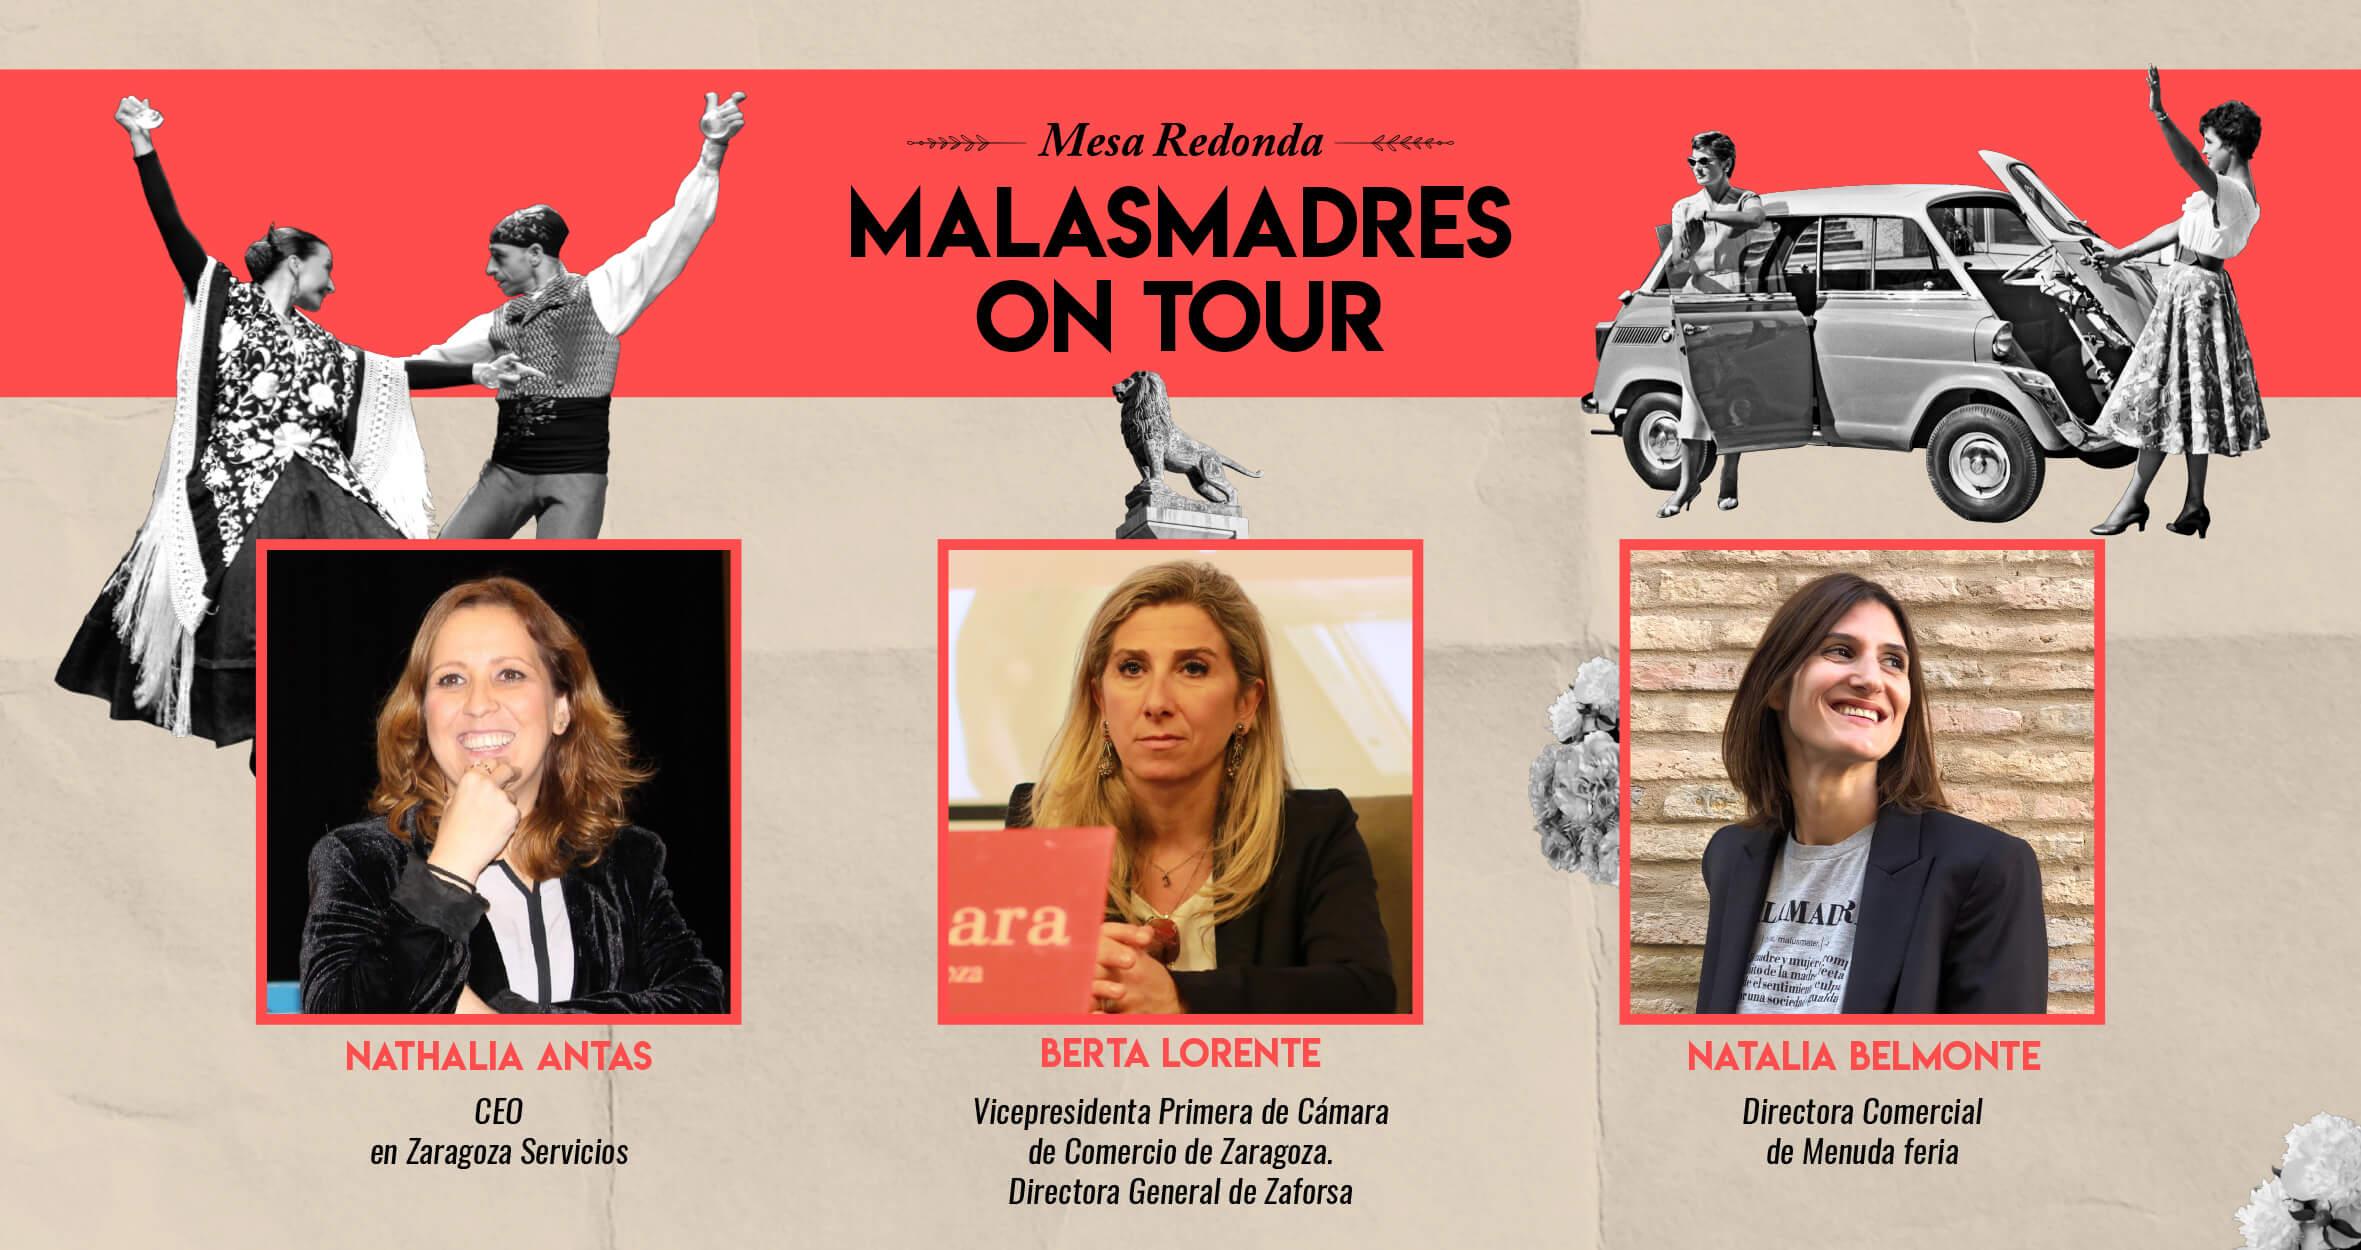 ponentes-malasmadres-tour-zaragoza